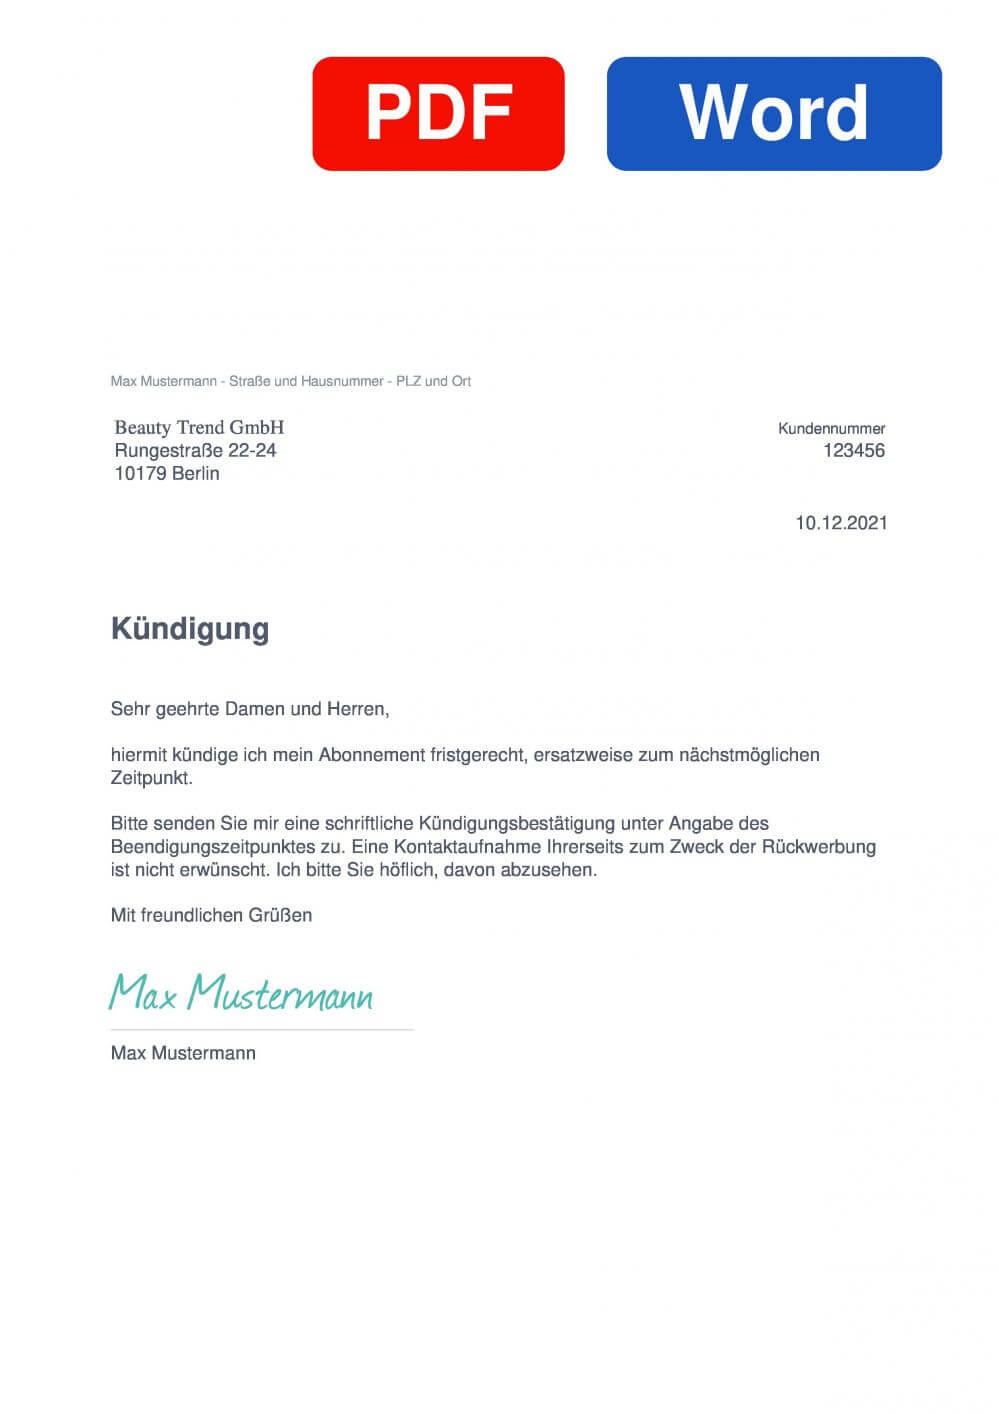 GLOSSYBOX Muster Vorlage für Kündigungsschreiben